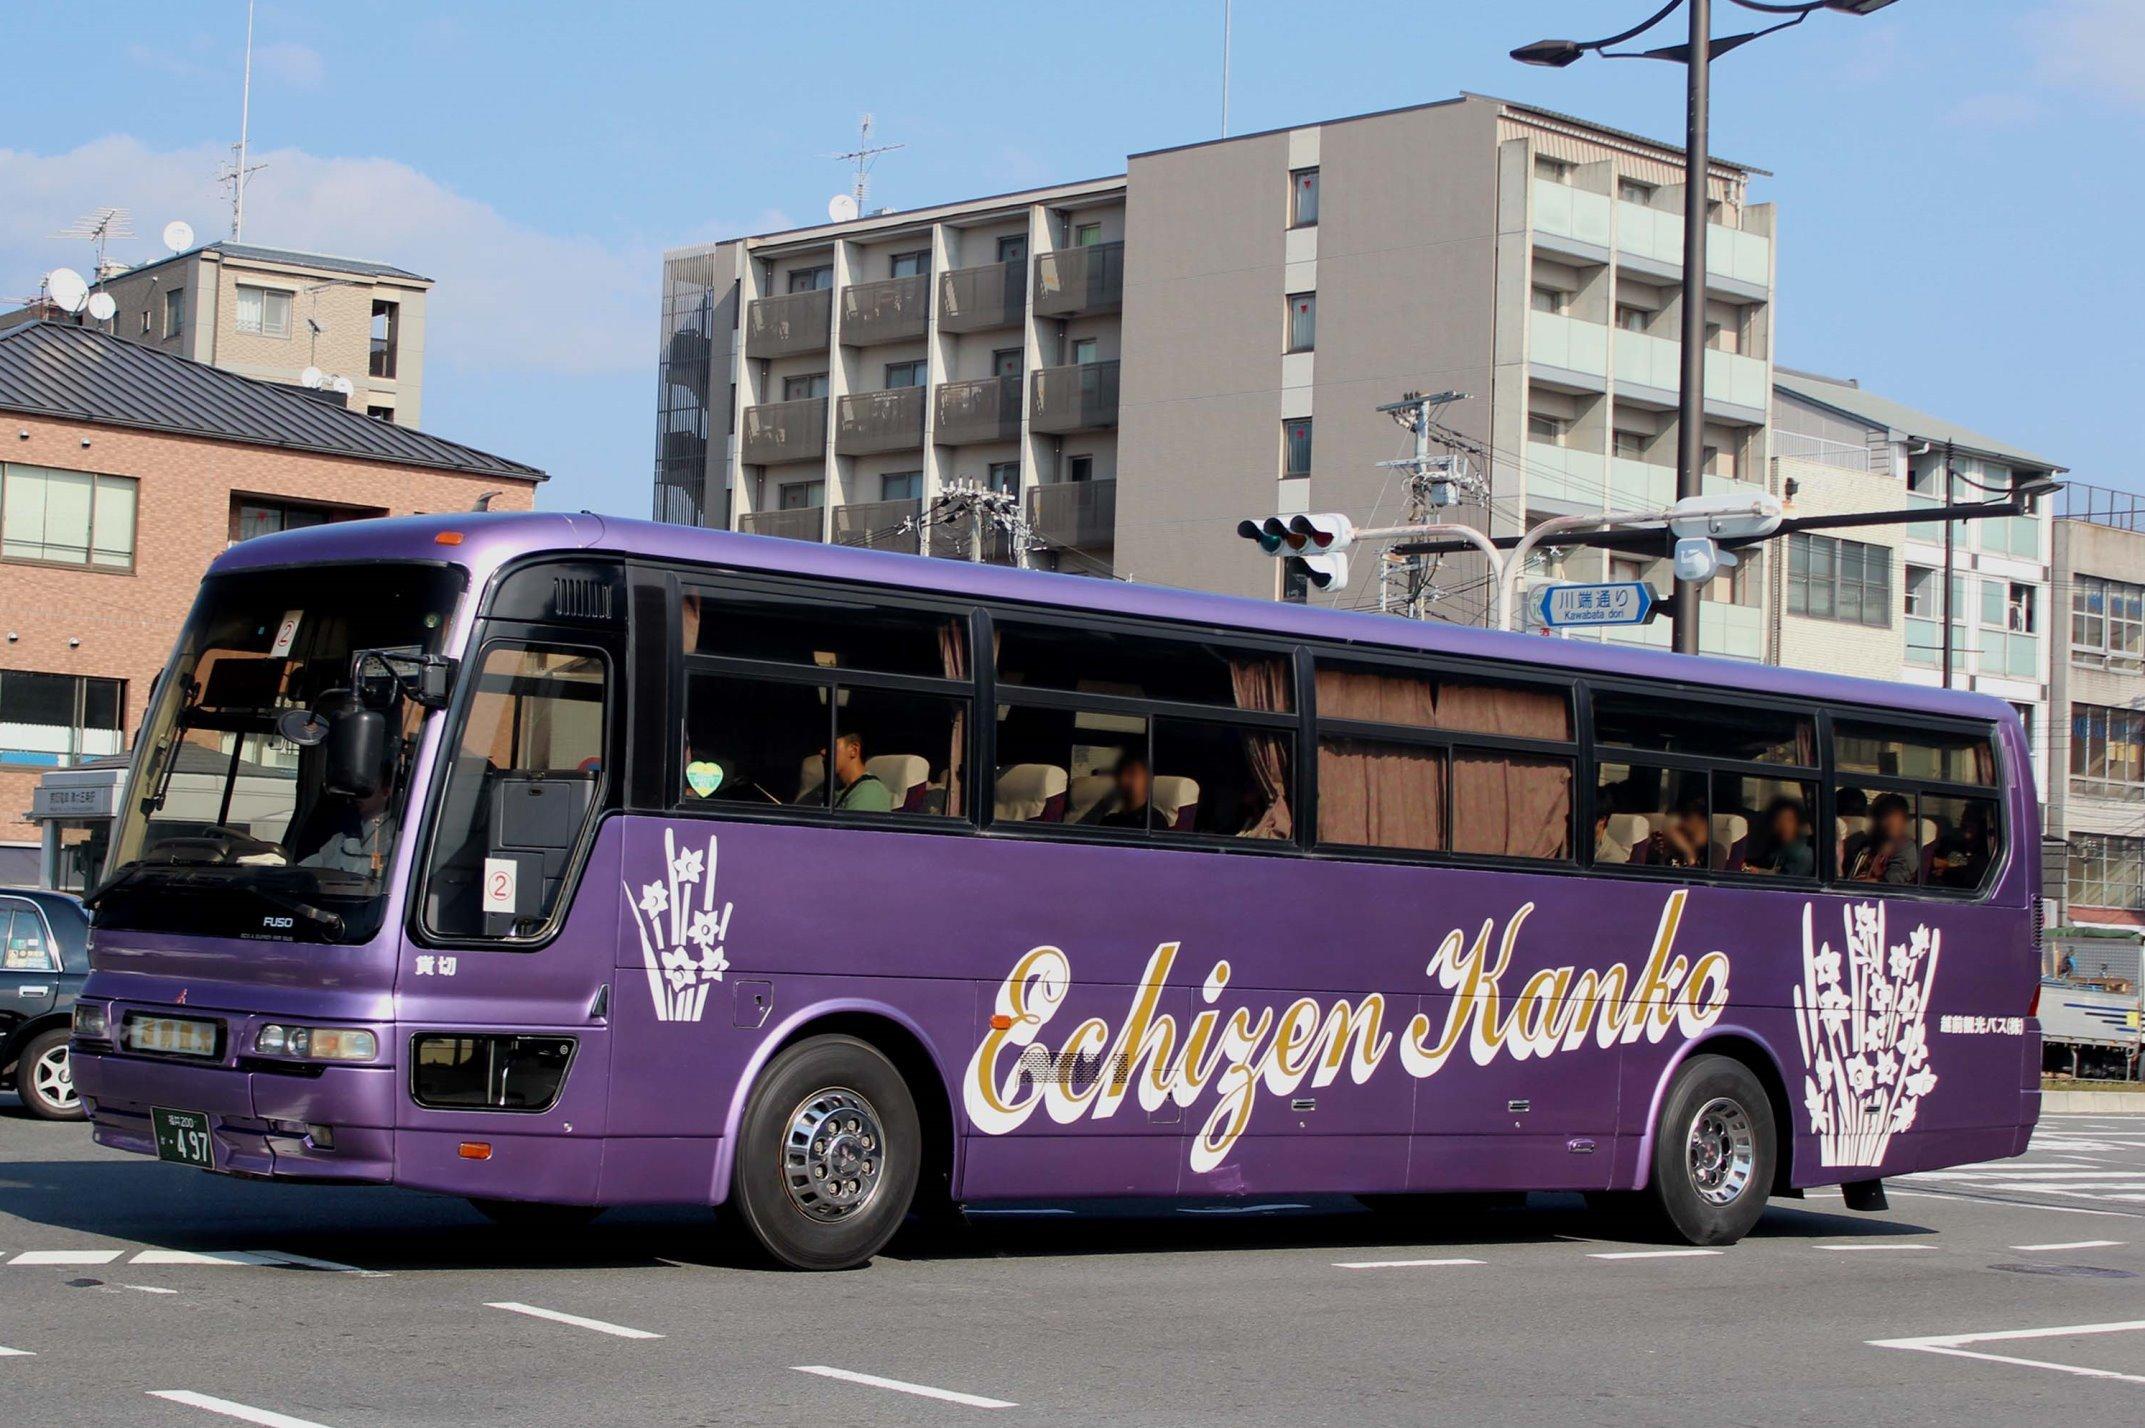 越前観光バス か497